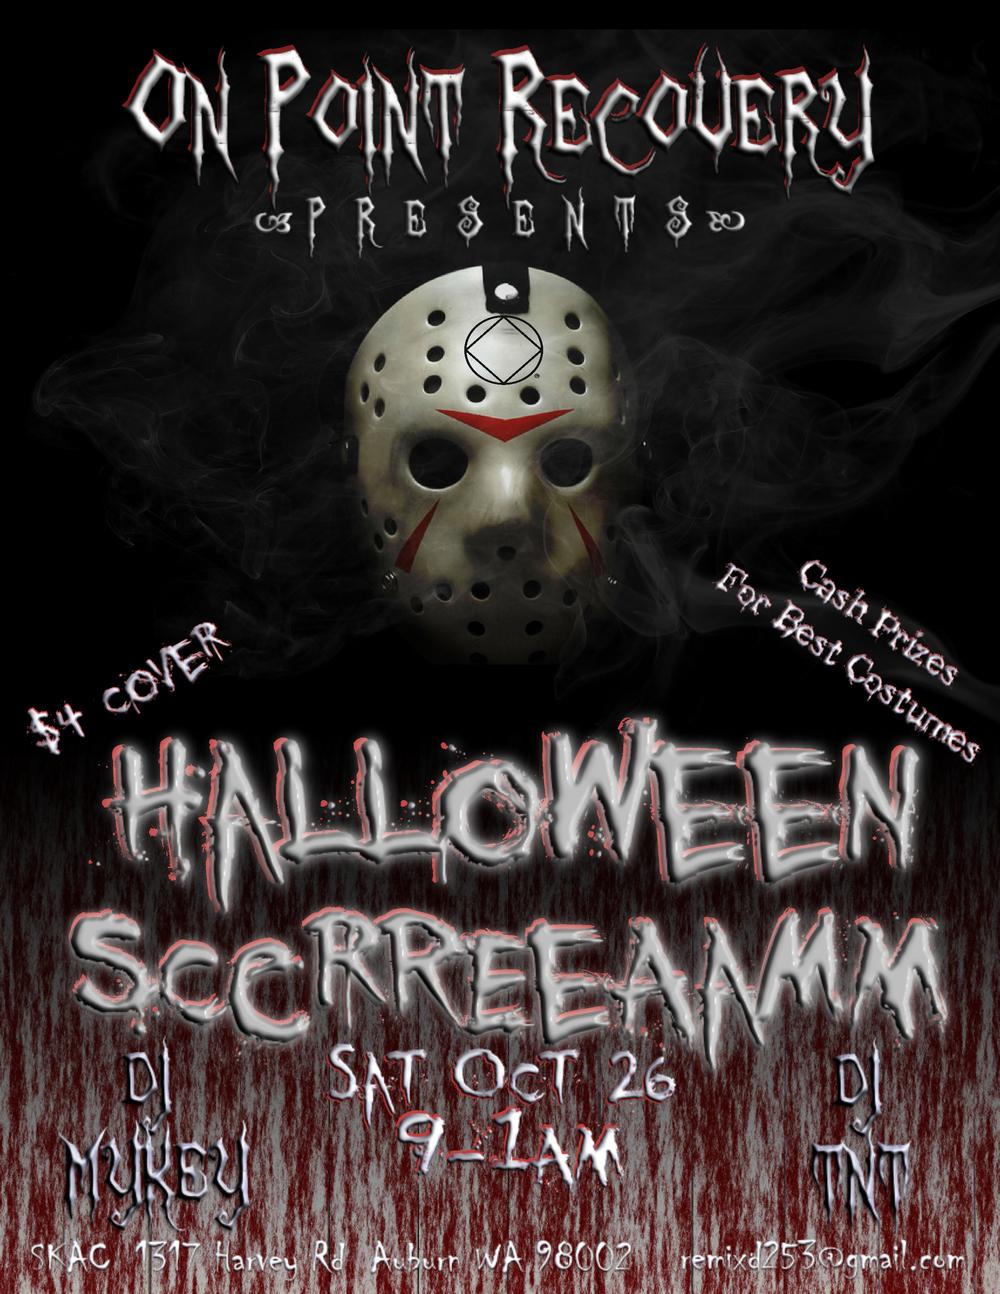 OPR Halloween Flyer 2013